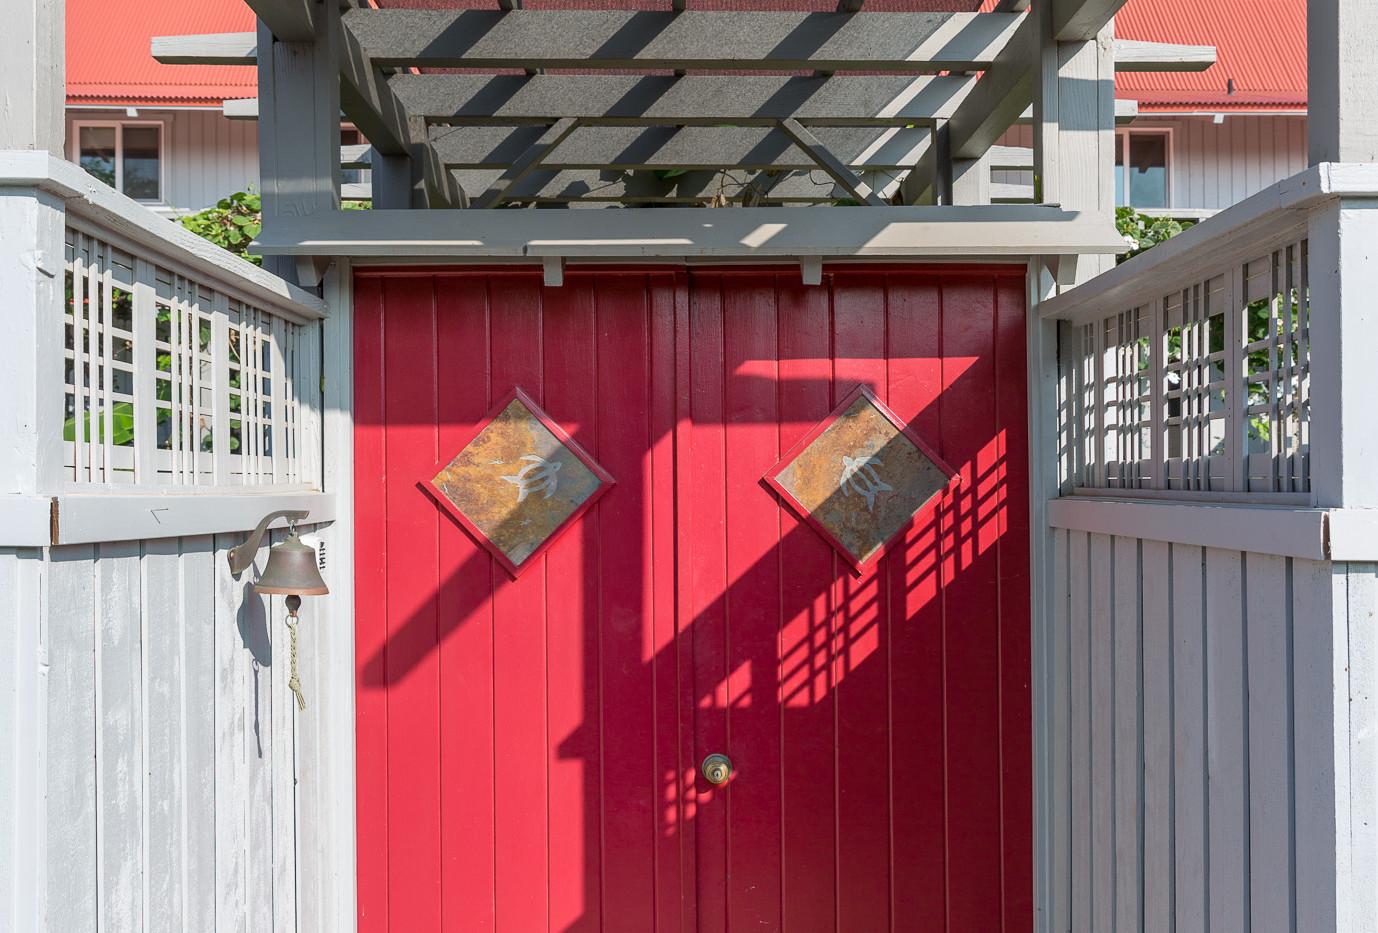 Lockable door leading into the outdoor entryway